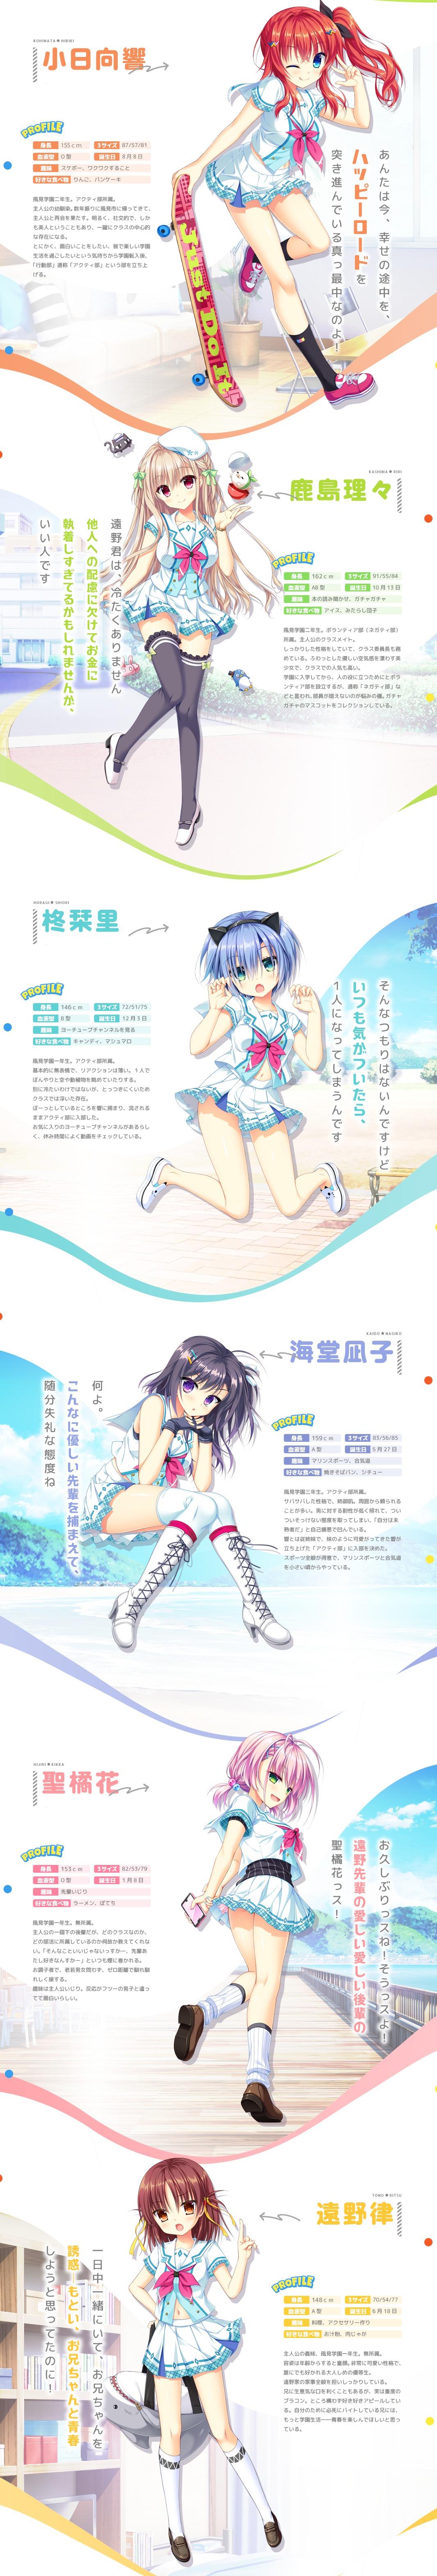 かけぬけ★青春スパーキング!|キャラクター|SAGA PLANETS